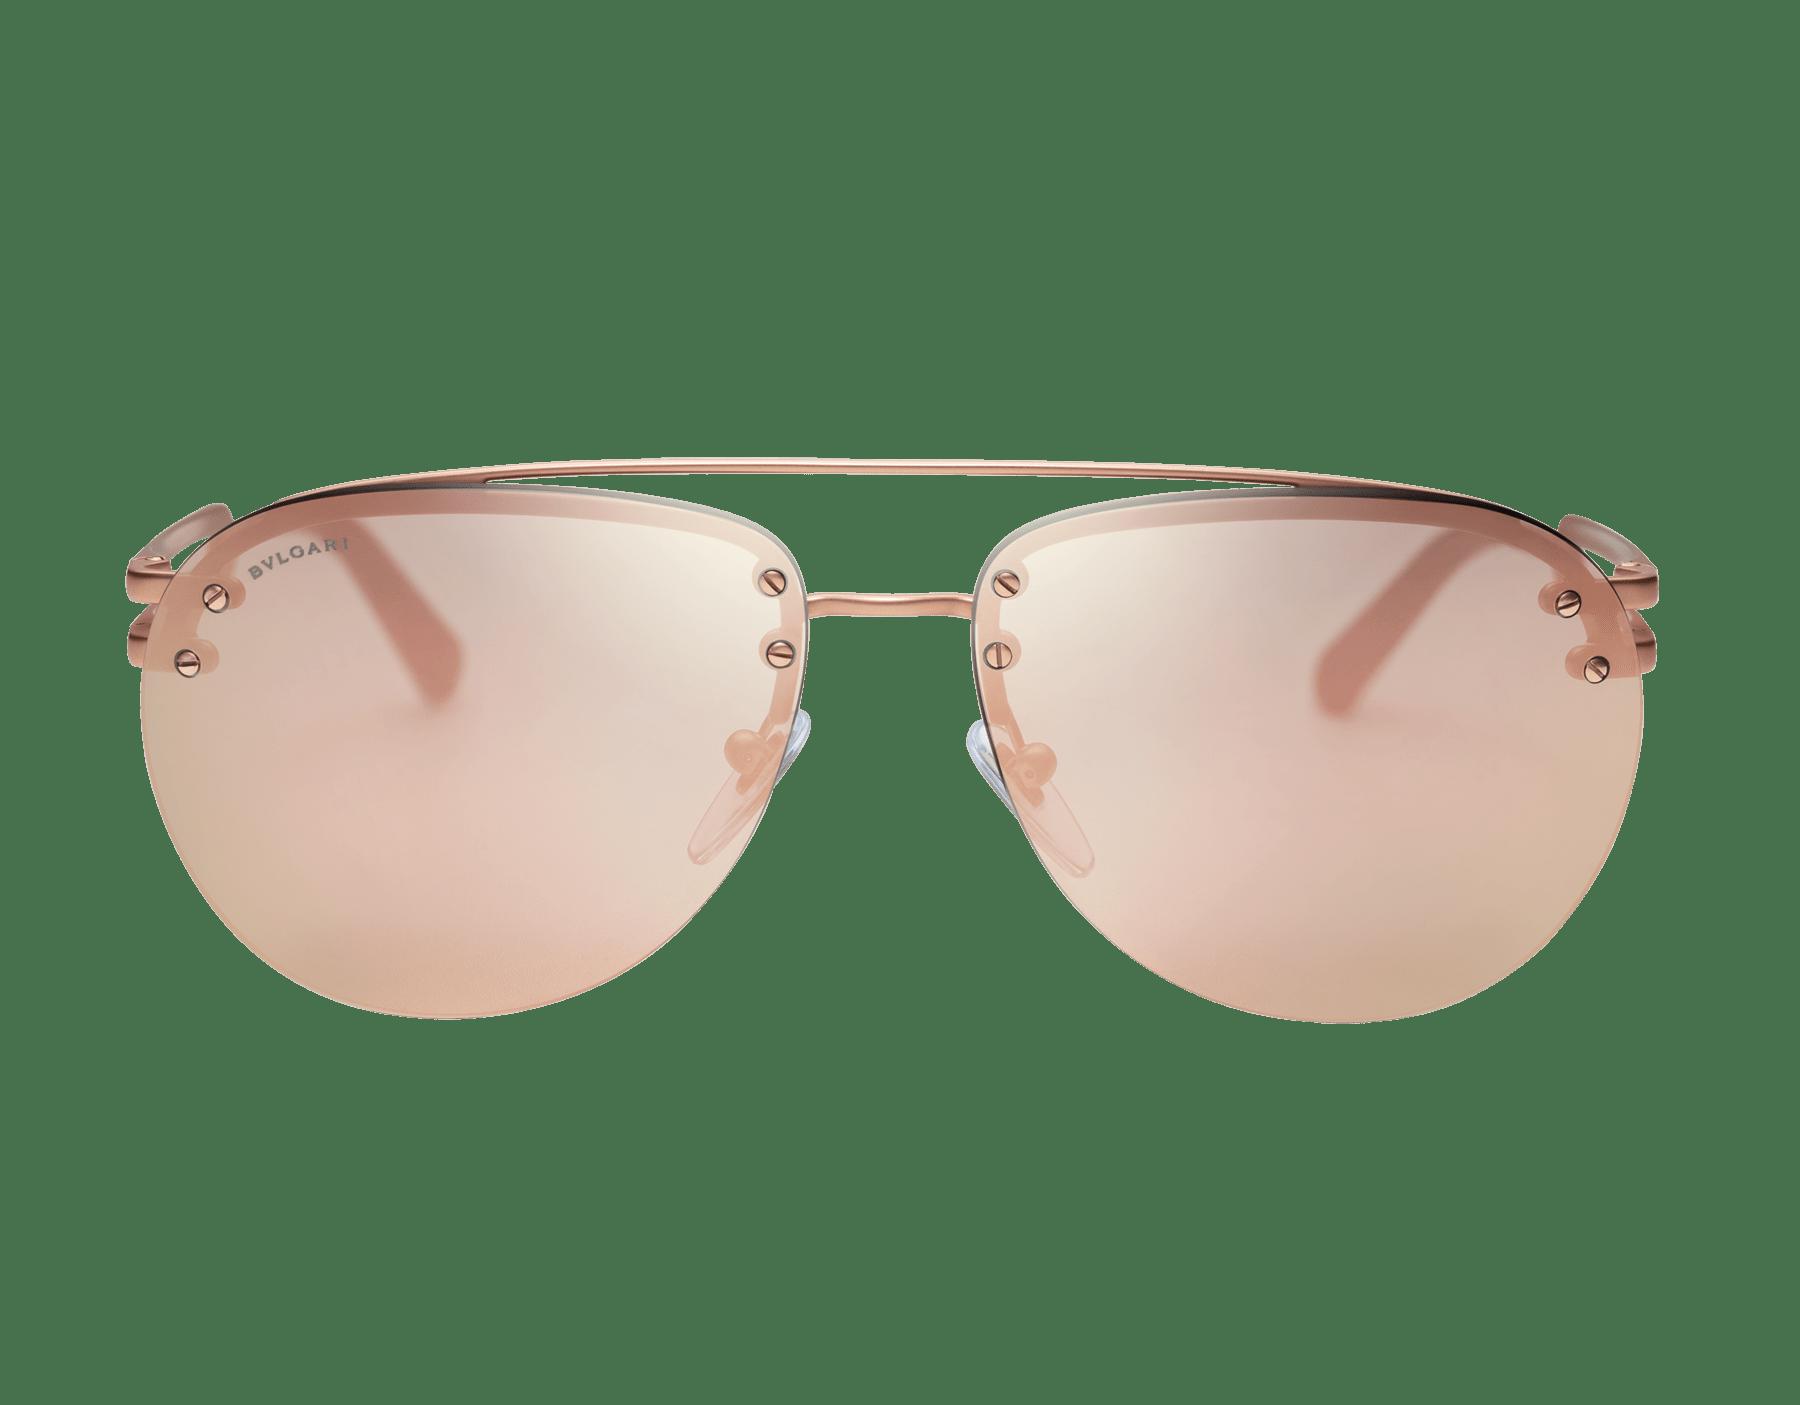 Bvlgari Bvlgari Sonnenbrille aus Metall in Pilotenform mit Doppelsteg. 904043 image 2